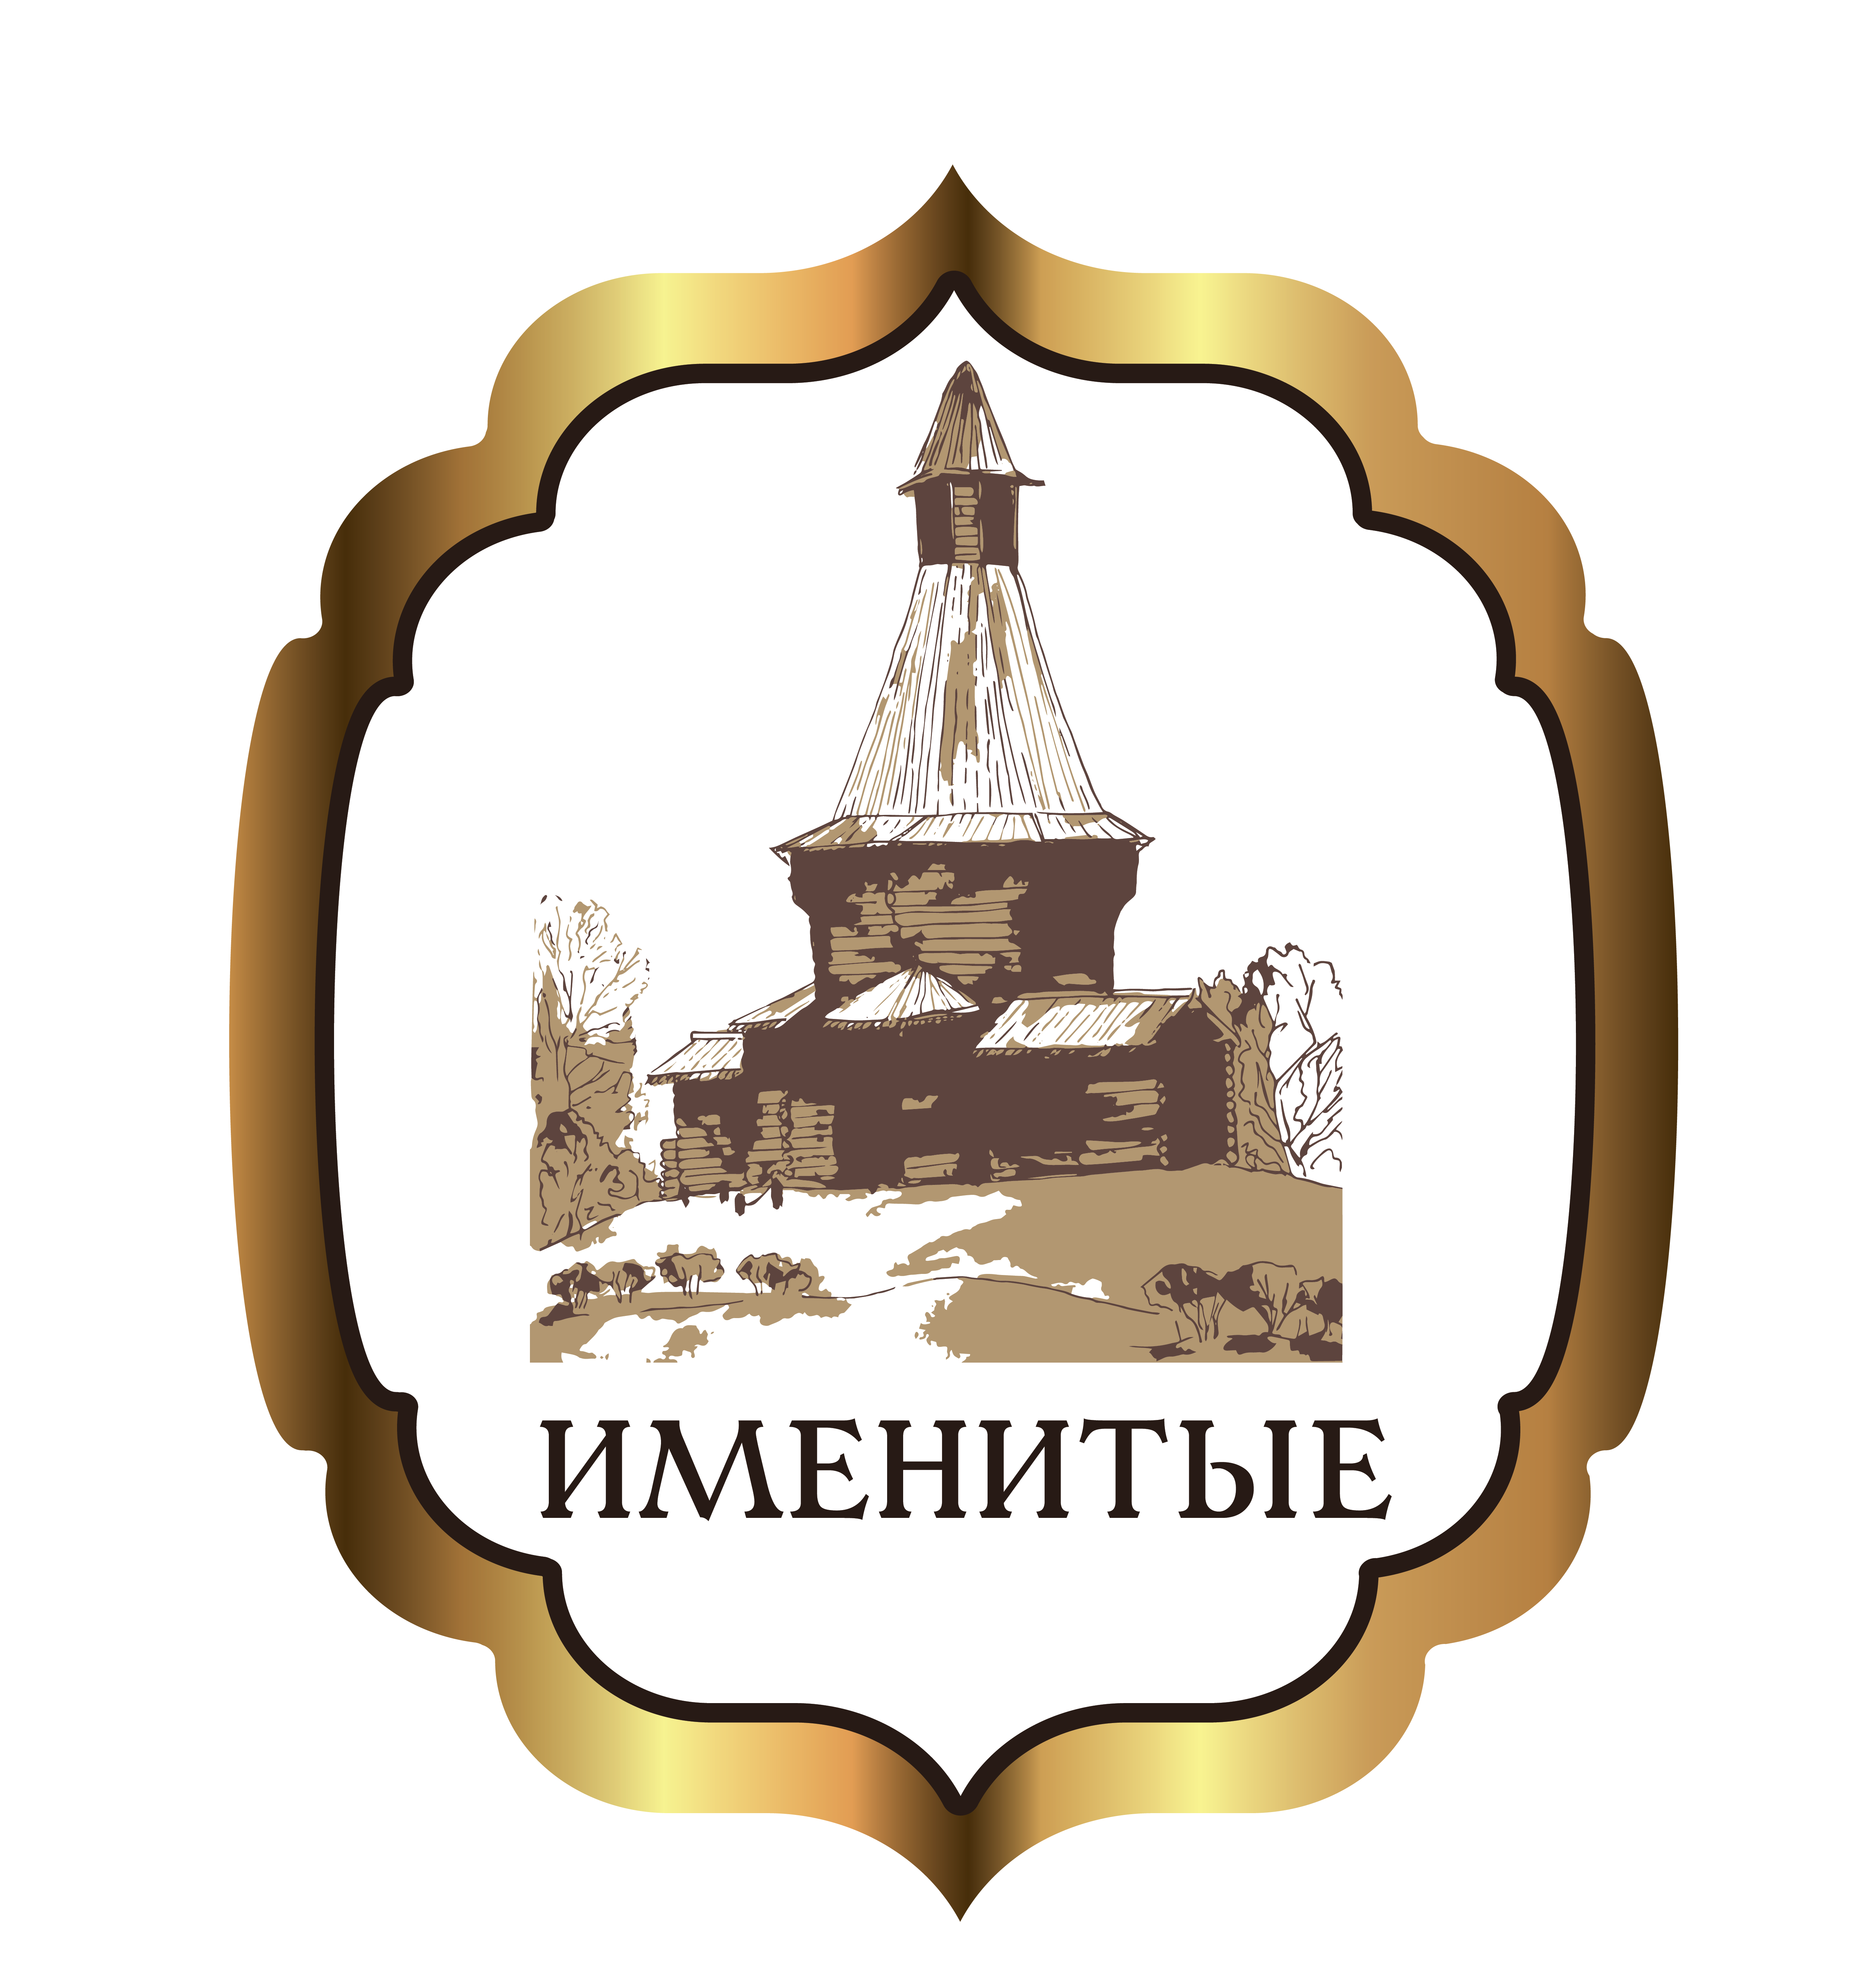 Логотип и фирменный стиль продуктов питания фото f_5345bc1e4048f905.png